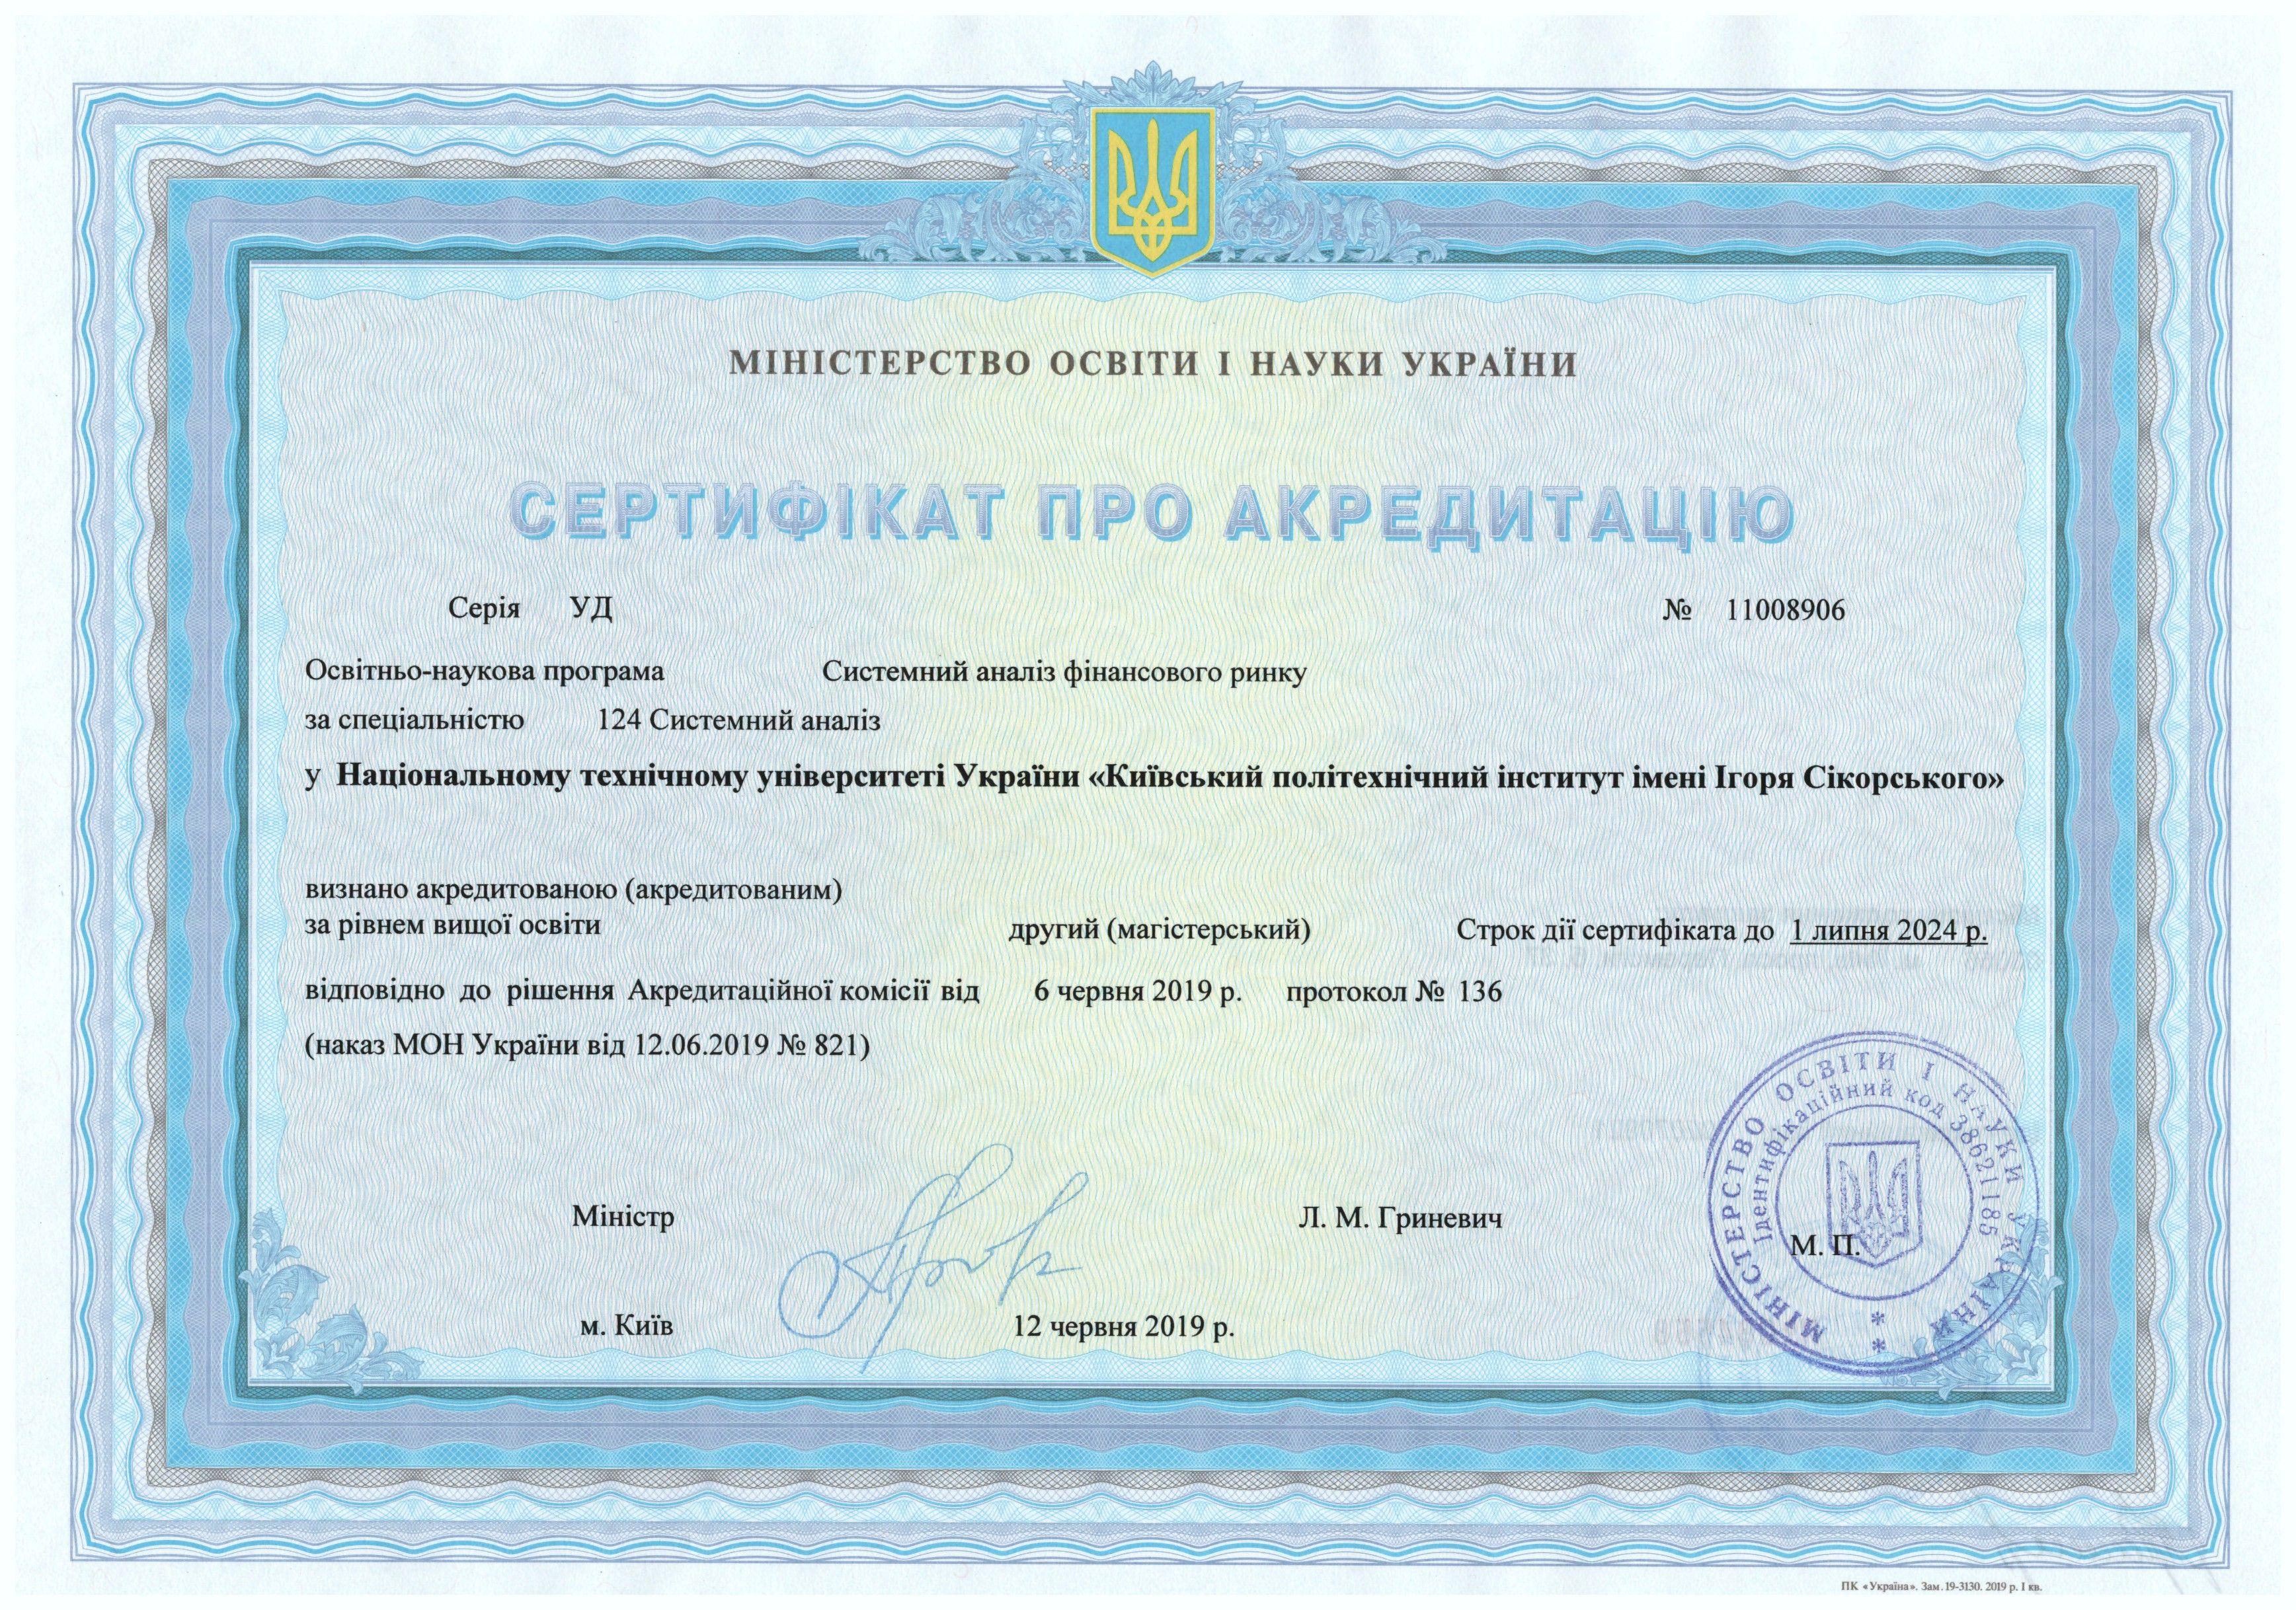 """Сертифікат про акредитацію освітньої програми """"Системний аналіз фінансового ринку"""""""